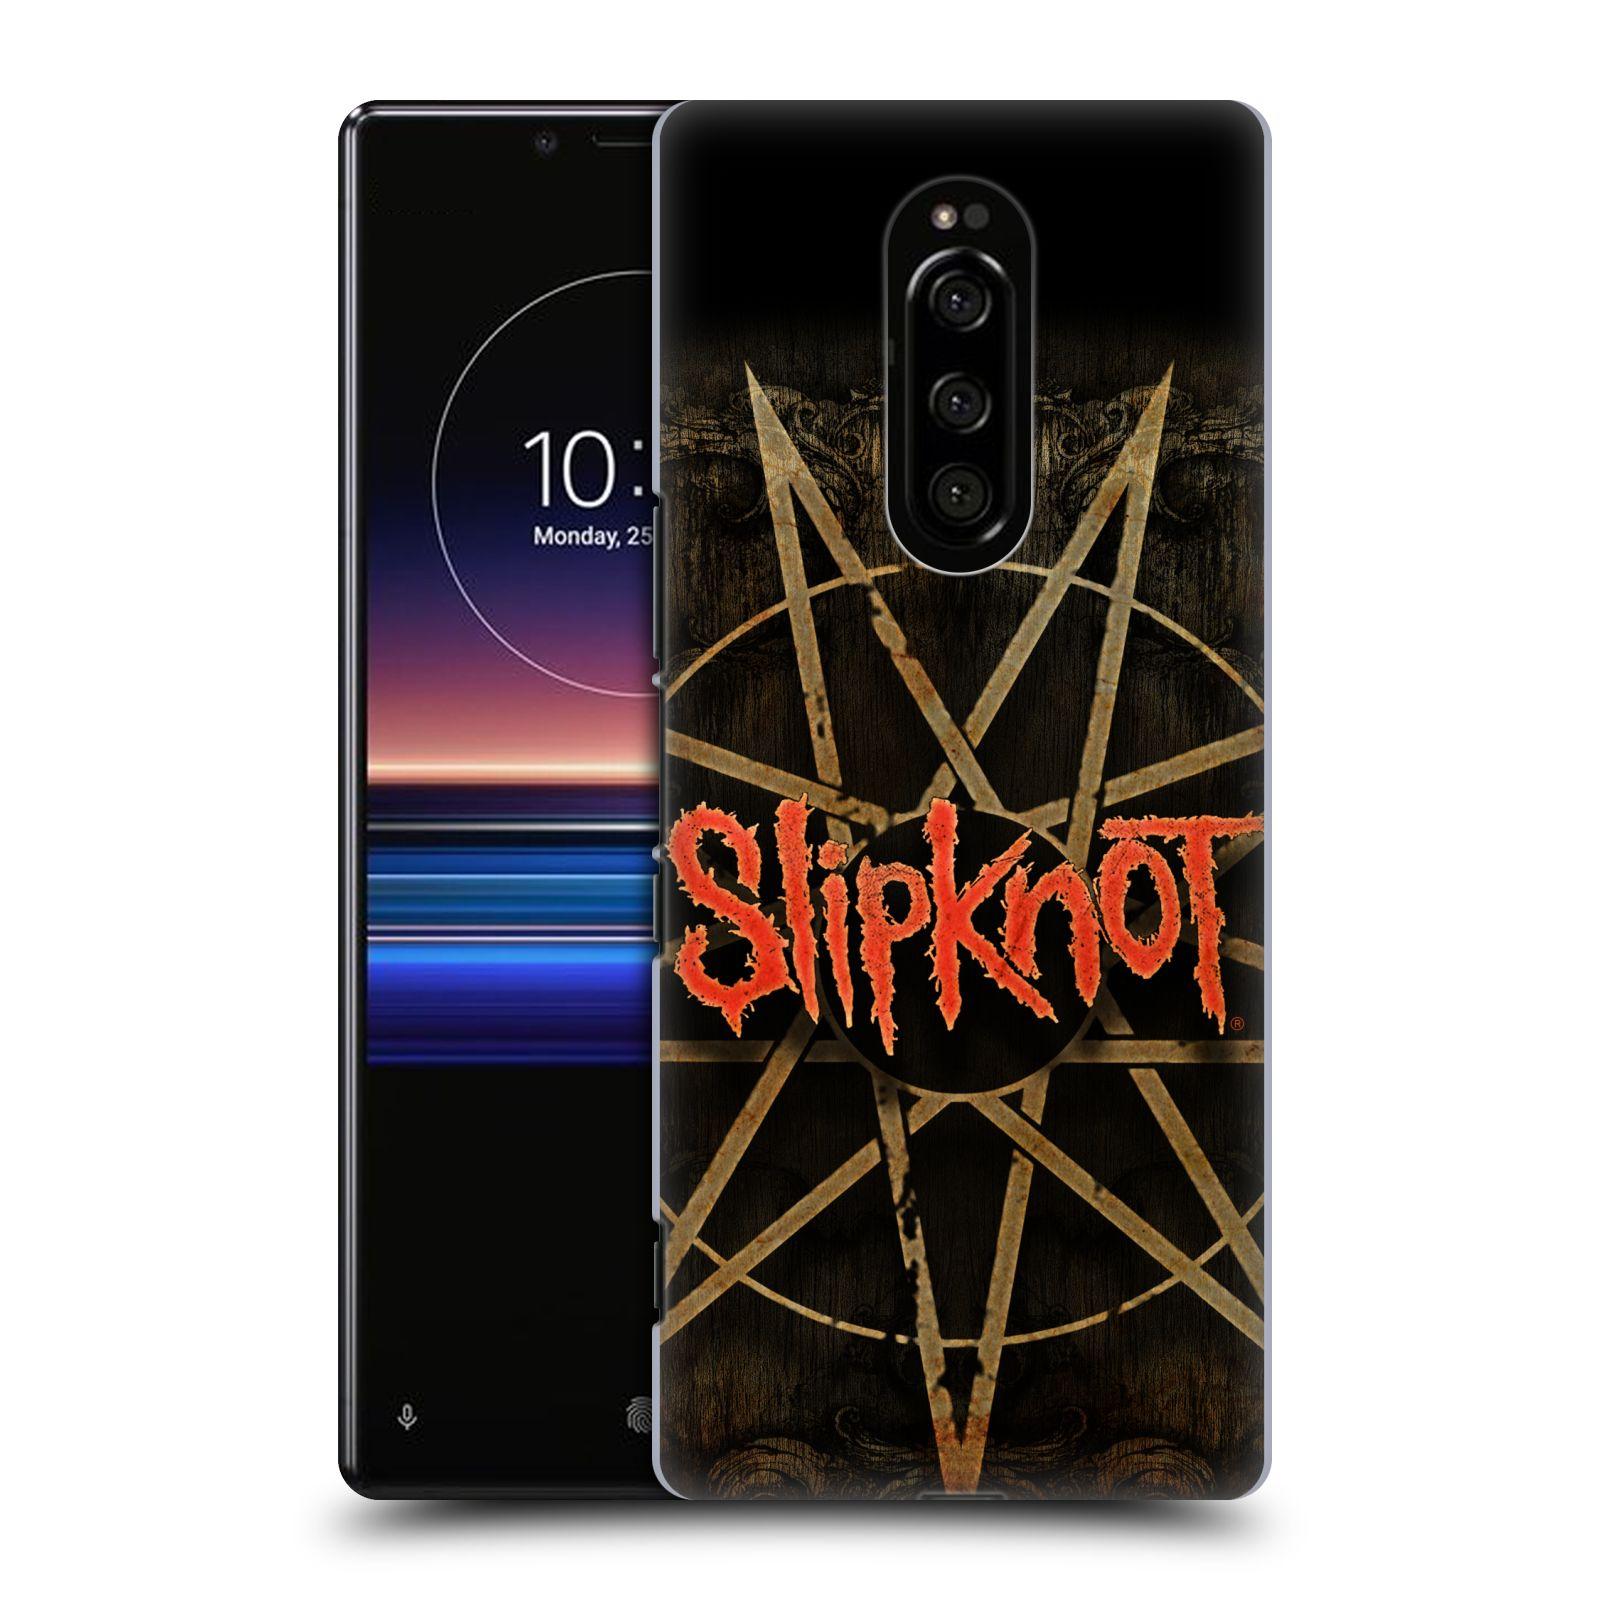 Plastové pouzdro na mobil Sony Xperia 1 - Head Case - Slipknot - Znak